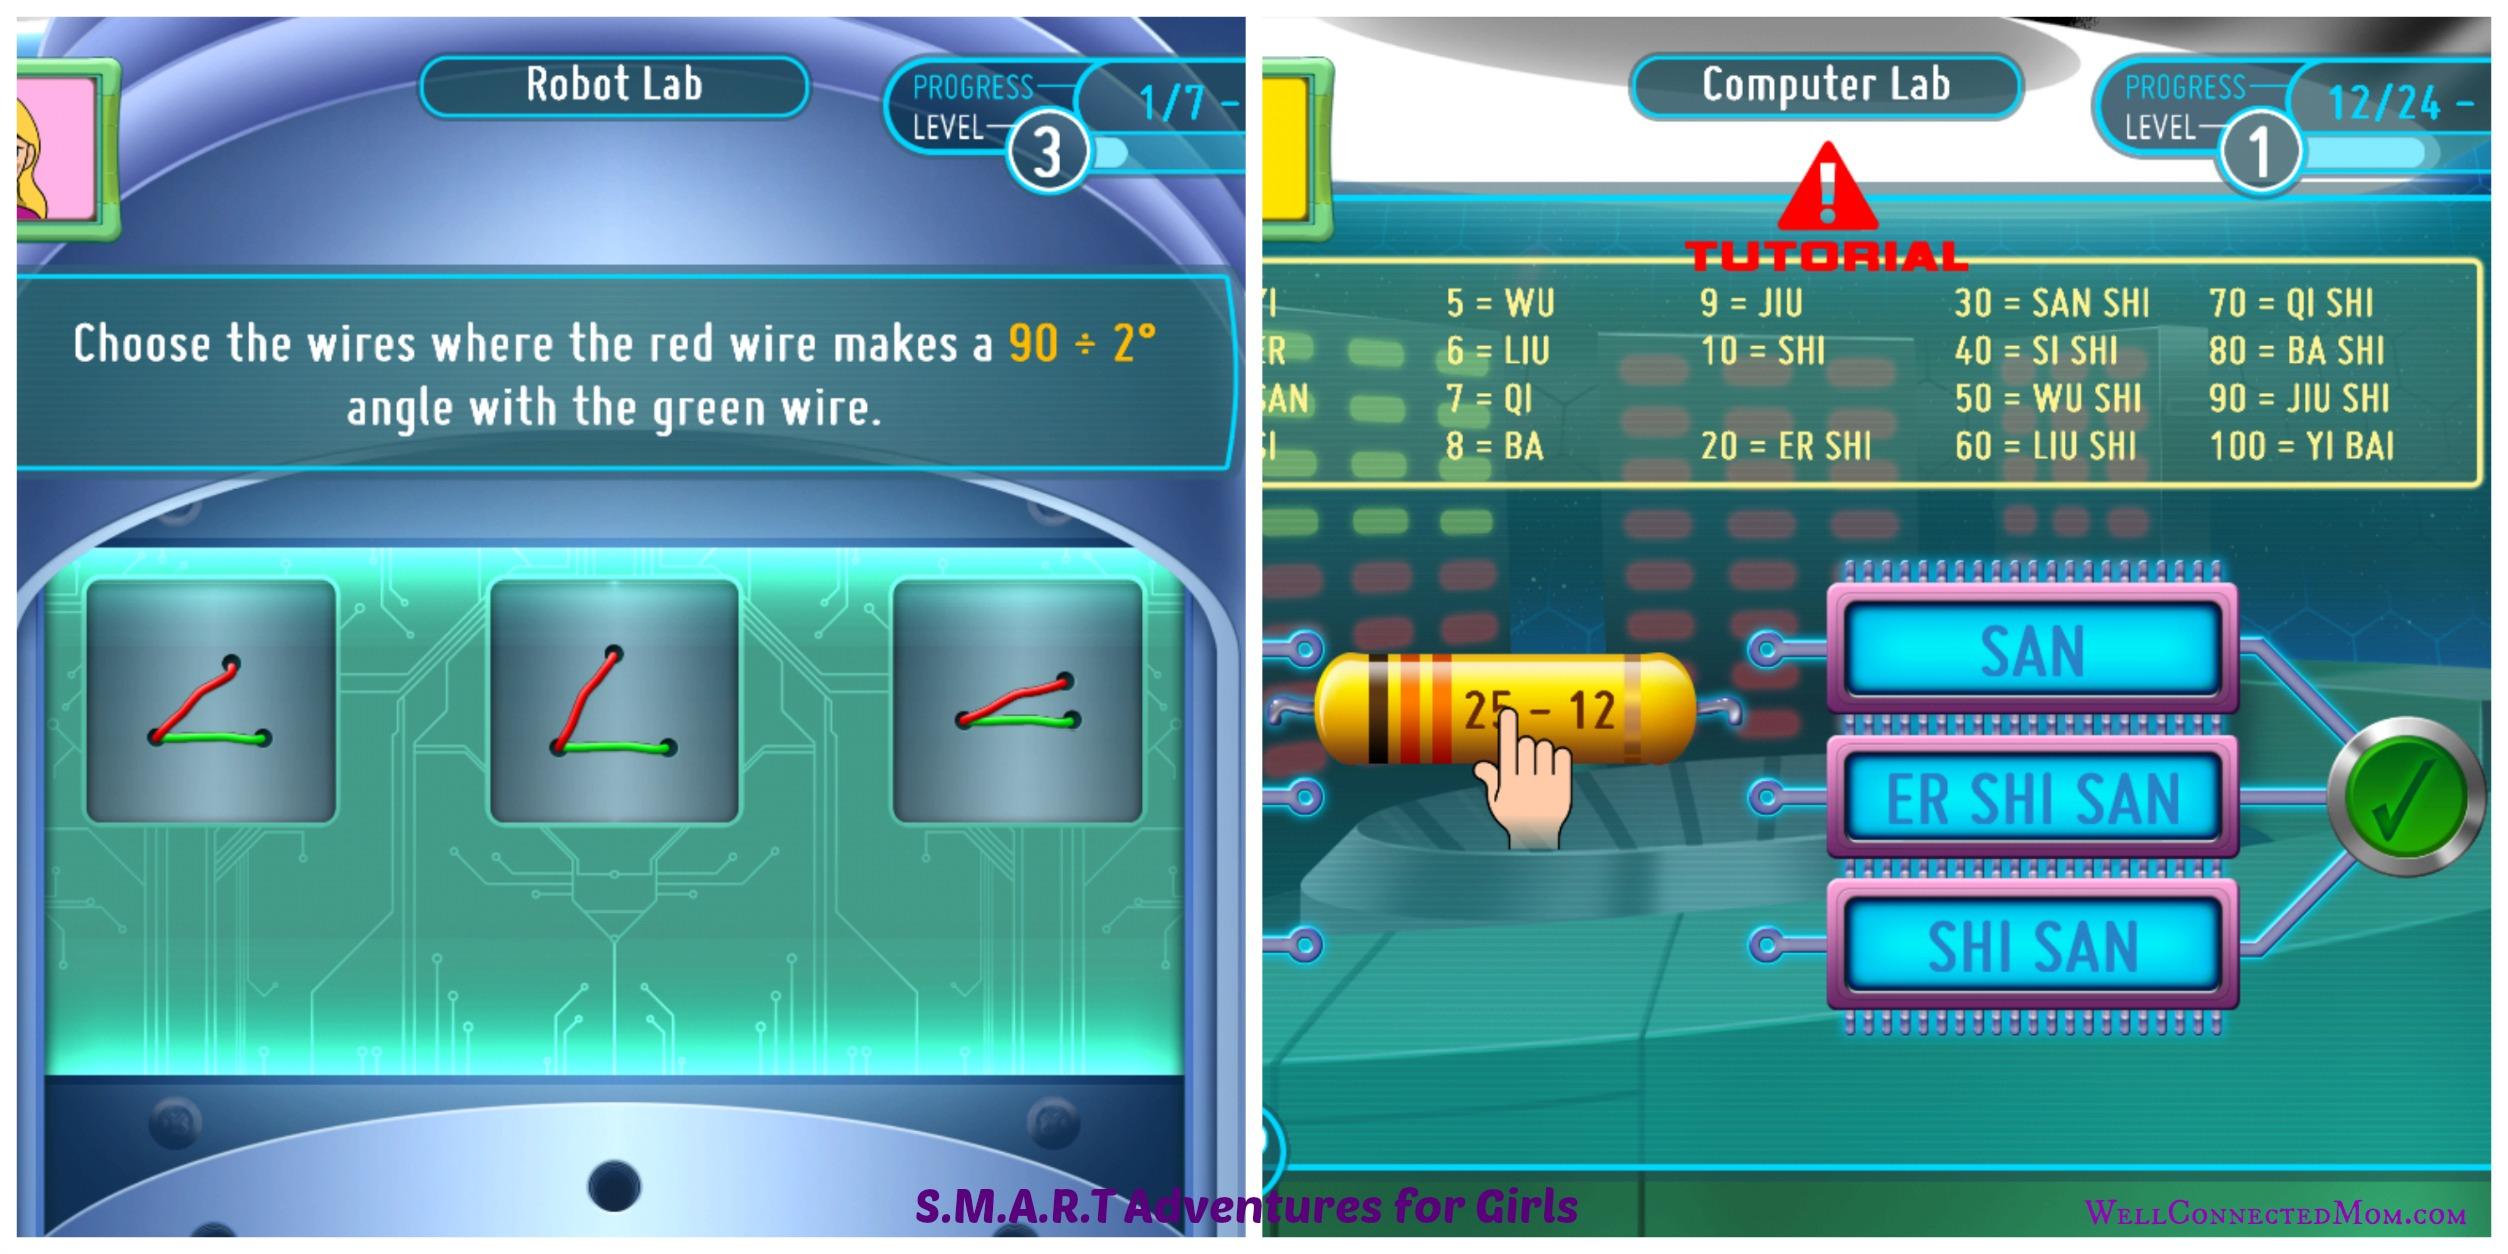 SMART Adventures STEM App for Girls (6) R Jr. Agent Labs